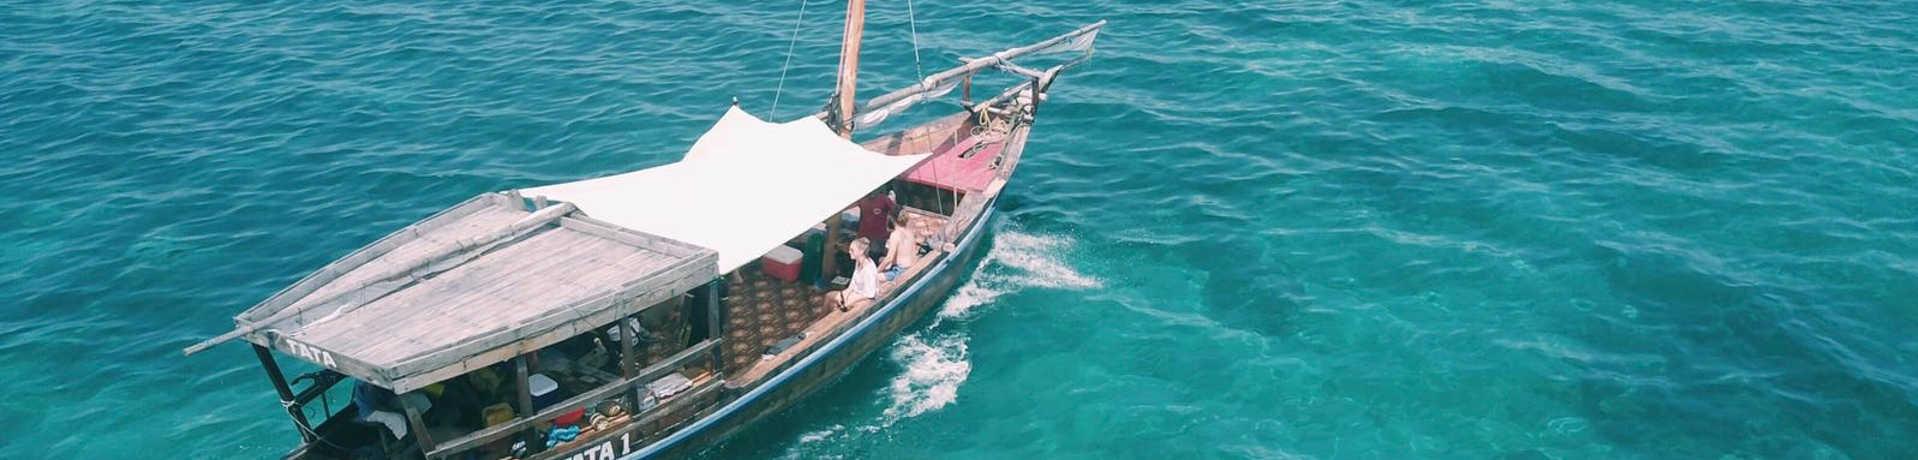 villa-zanzibar-dhow-cruise